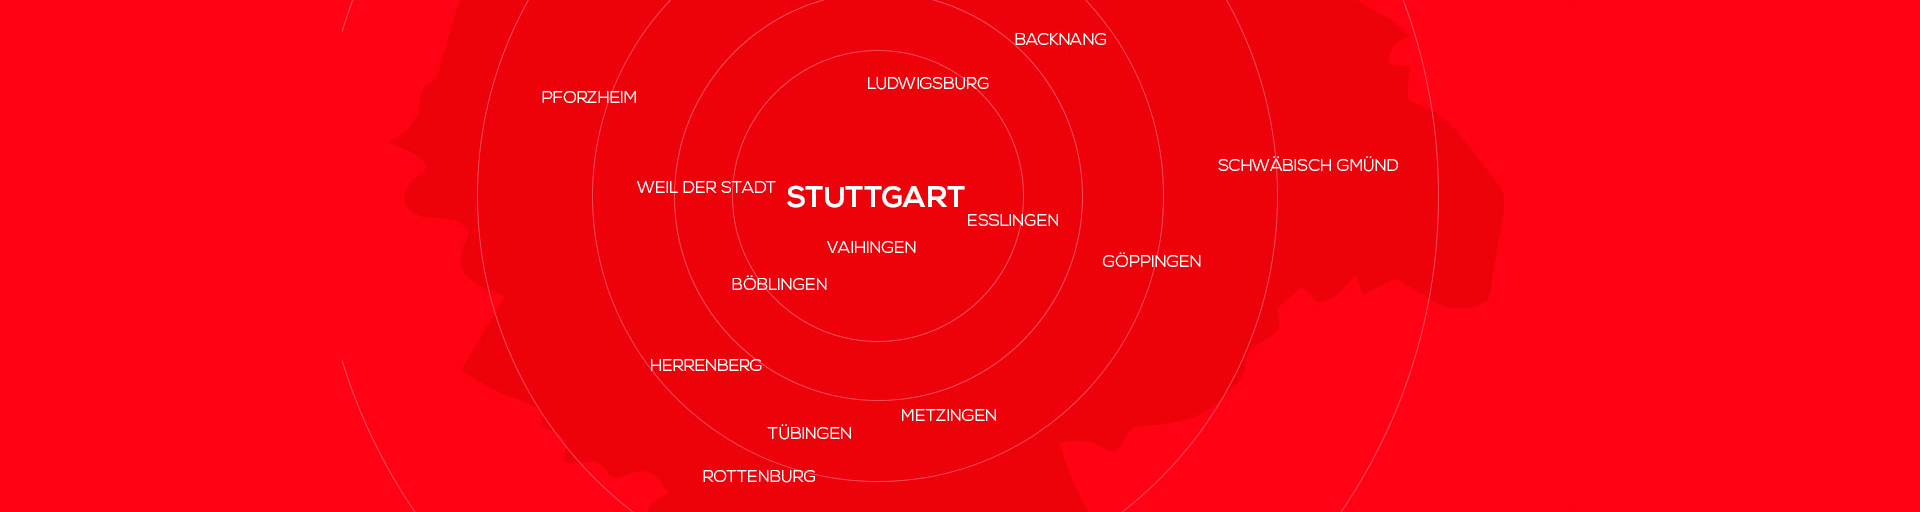 Erich Bauer Gebäudereinigung GmbH im Umkreis Stuttgart, Pforzheim, Rottenburg, Schwäbisch Gmünd, Ludwigsburg. Fragen Sie uns an!